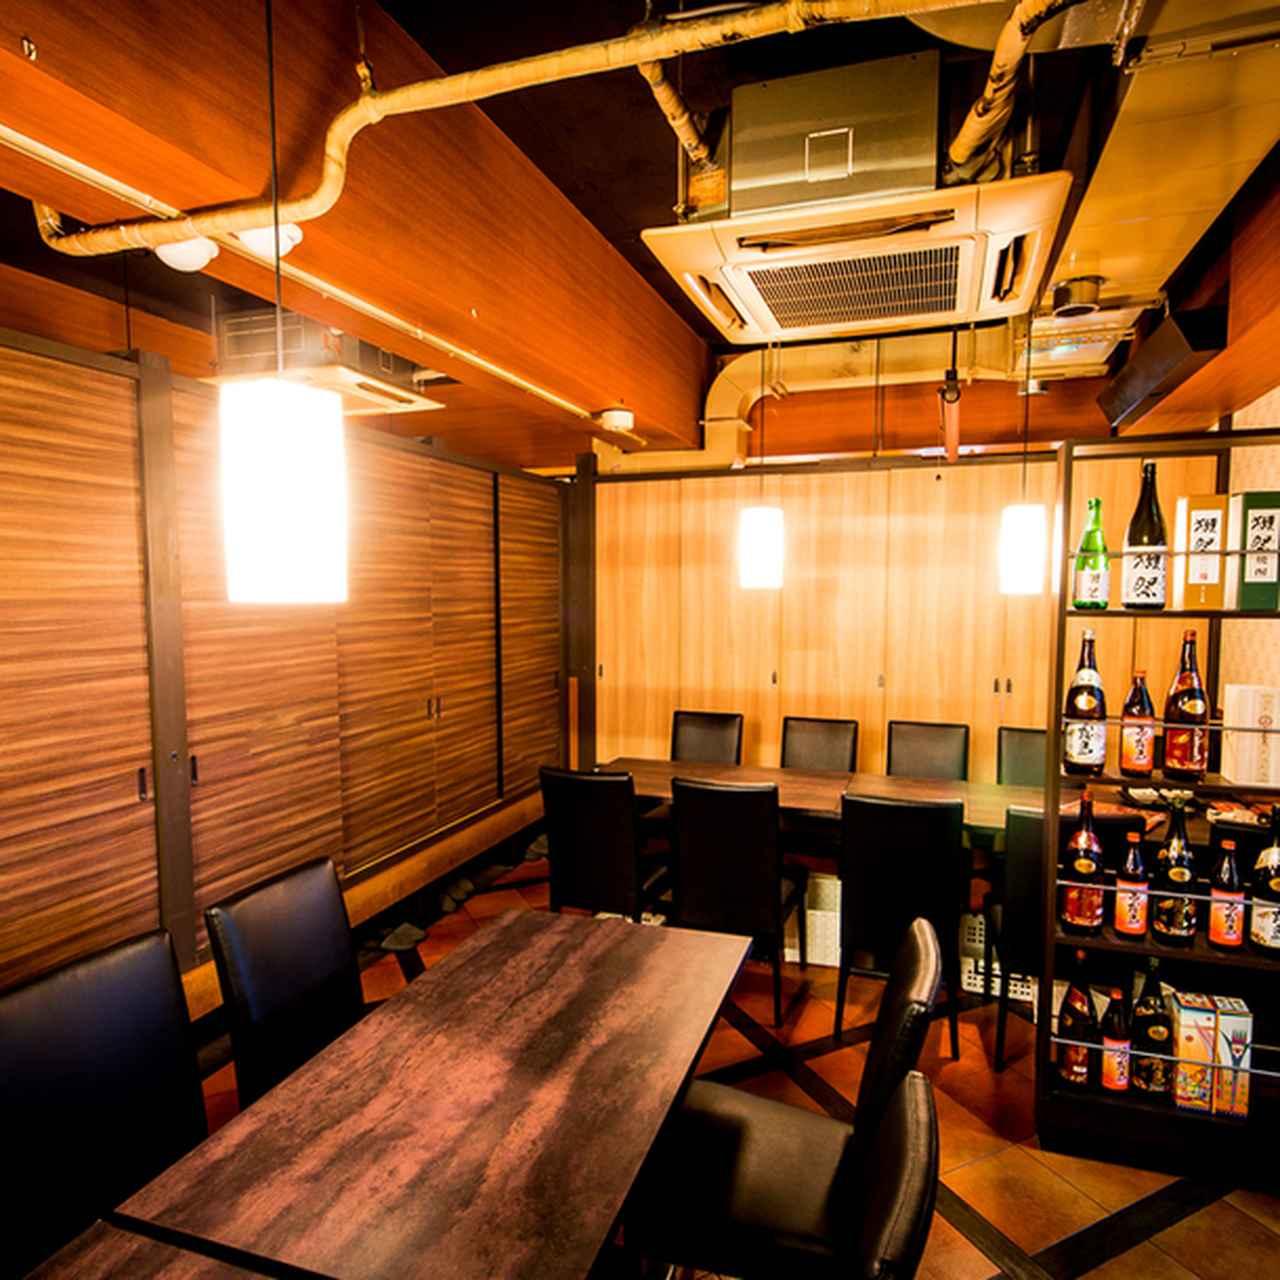 画像: 日本酒原価居酒屋 黒兵衛 赤羽店 (赤羽/居酒屋)